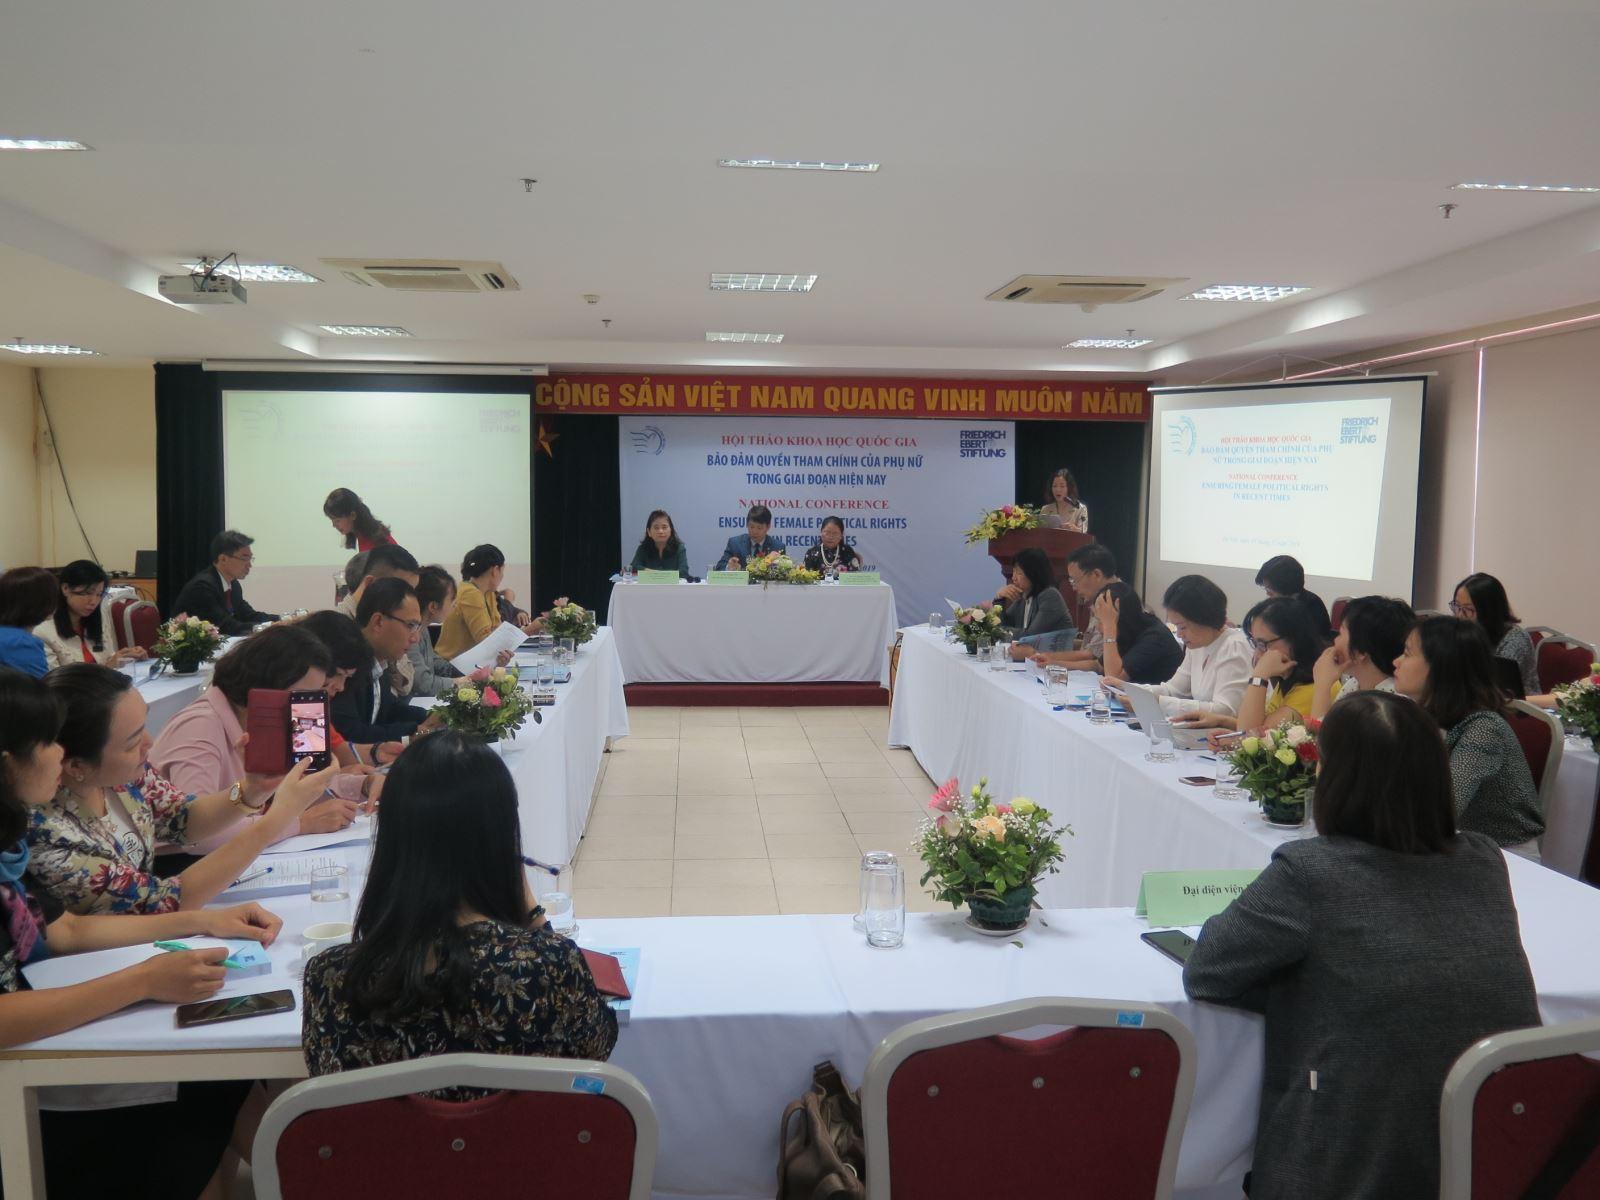 """Phóng sự ảnh: Hội thảo nghiên cứu khoa học """"Bảo đảm quyền tham chính của phụ nữ trong giai đoạn hiện nay"""""""